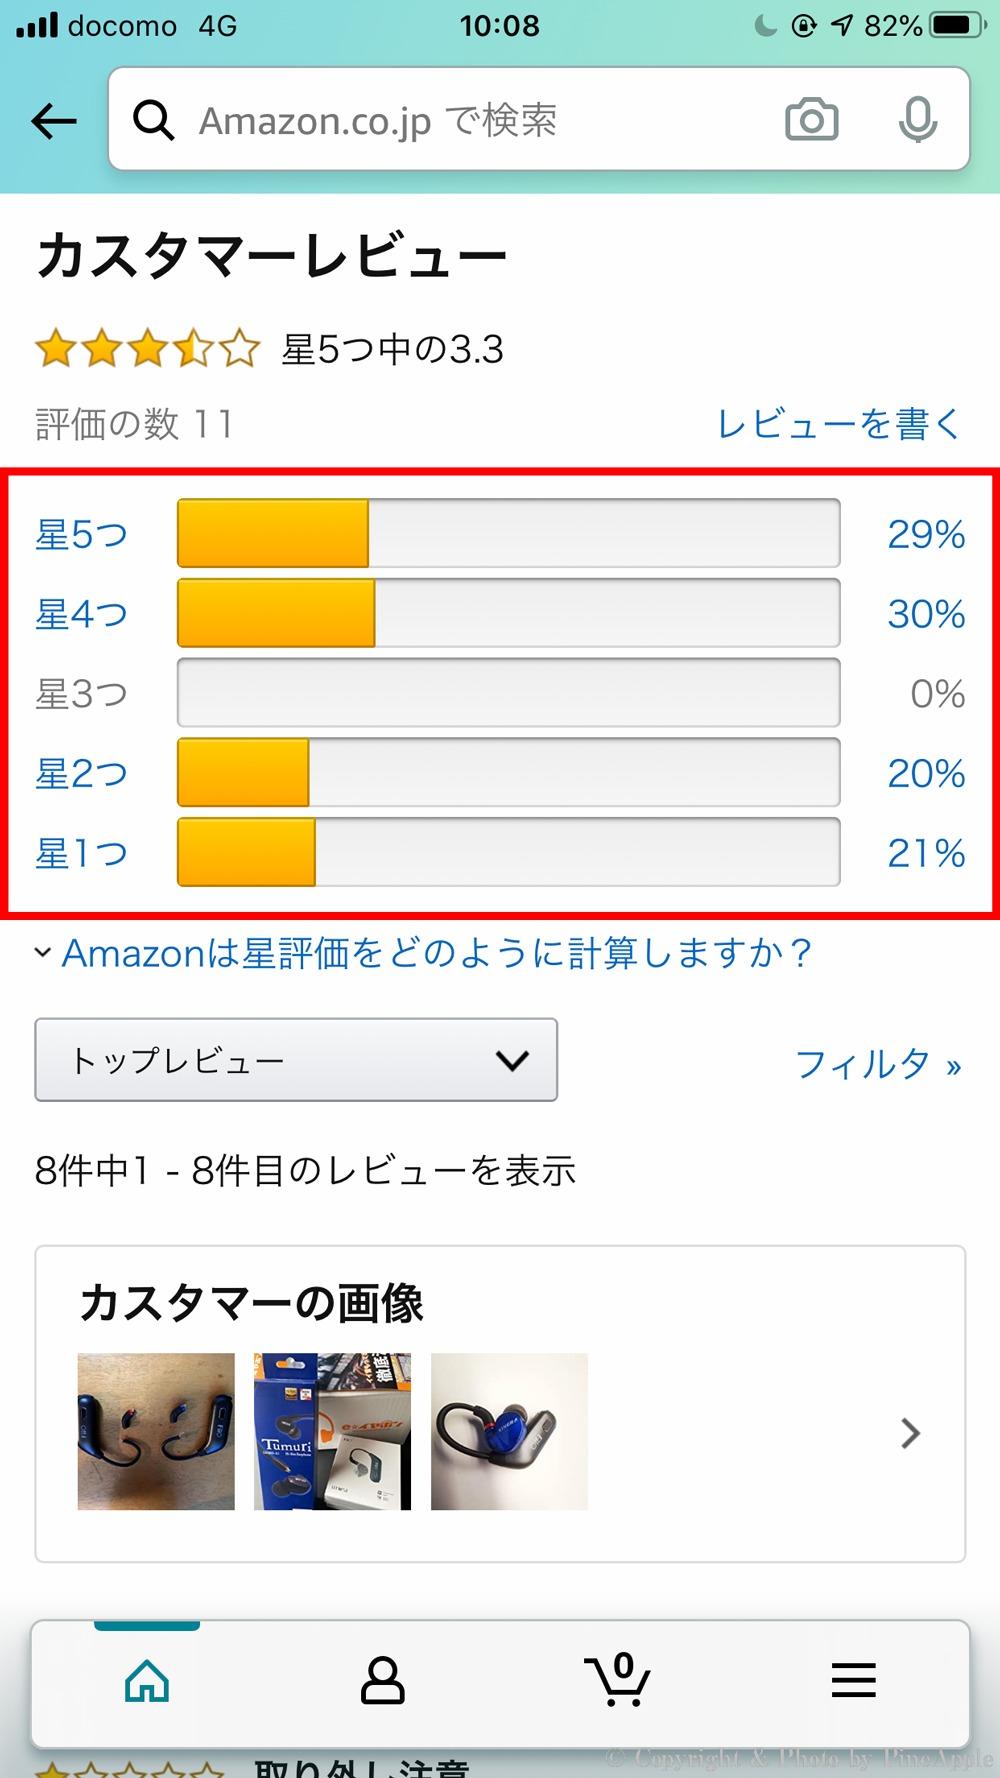 Amazon ショッピングアプリ:「カスタマーレビュー」内の「星 5 つ」、「星 4 つ」、「星 3 つ」、「星 2 つ」、「星 1 つ」をタップすることで該当の評価を行なったレビューが表示